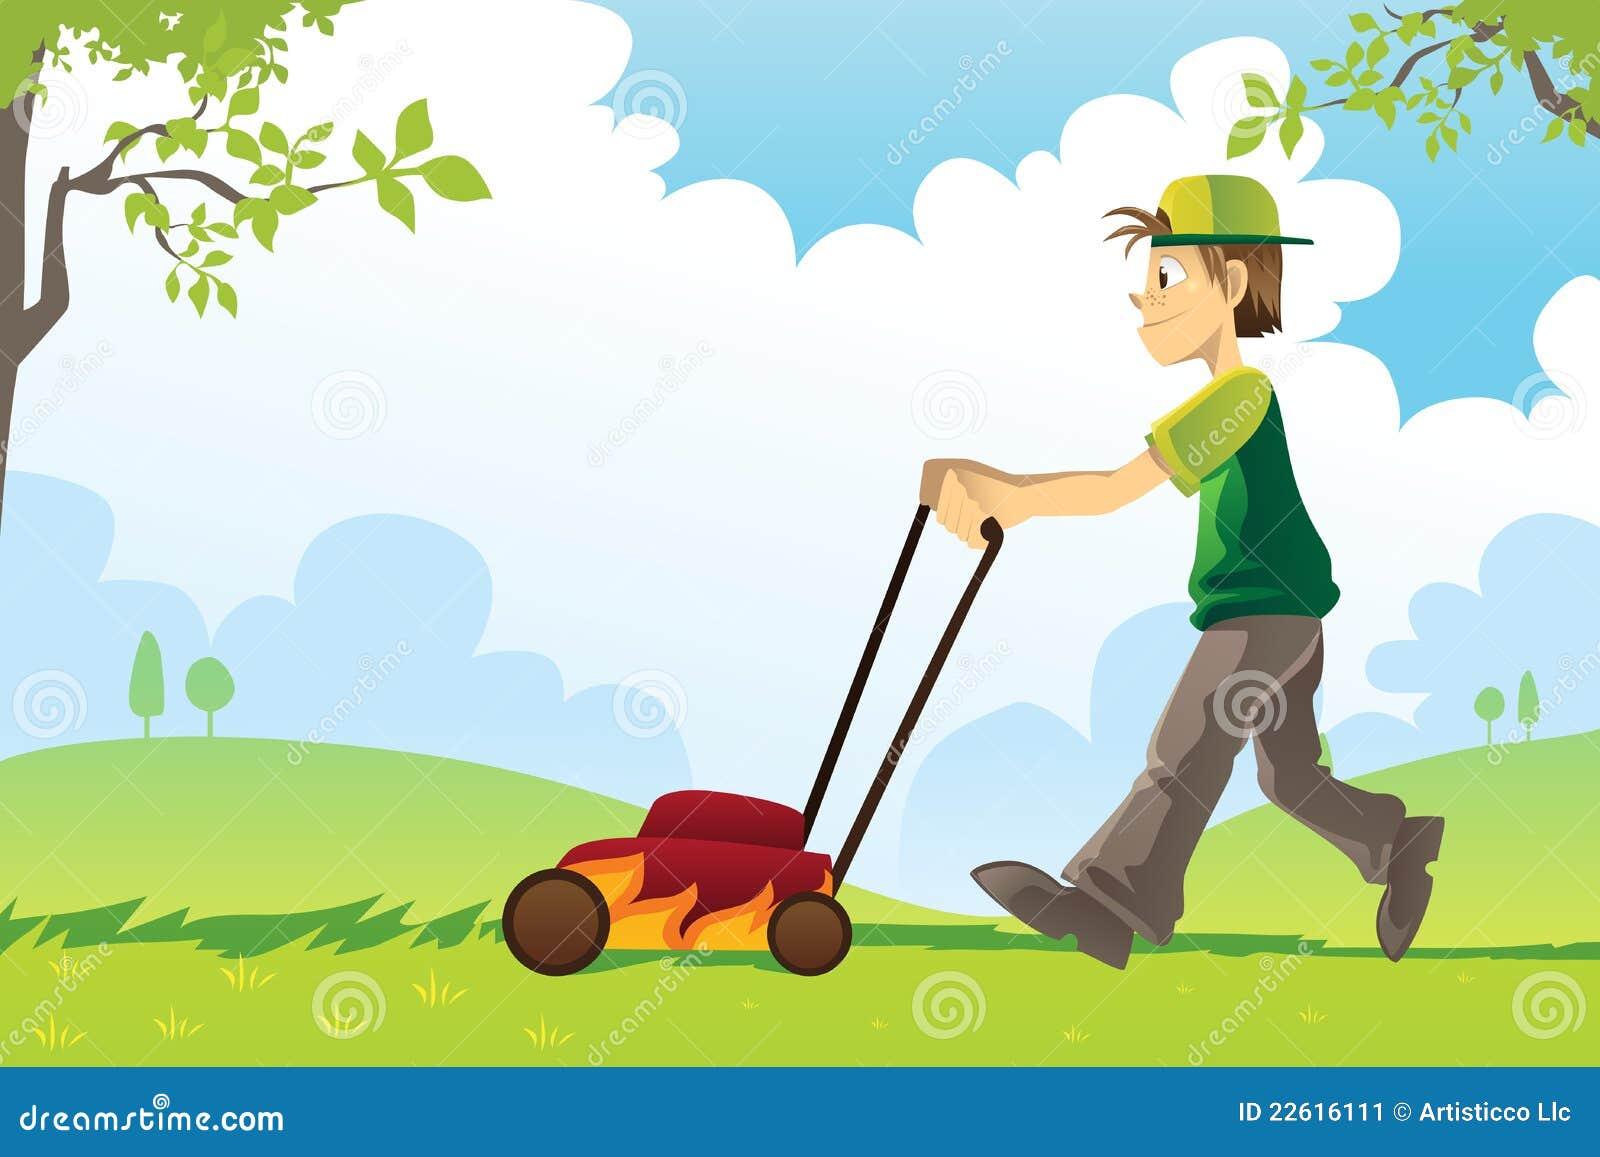 field mowing clip art